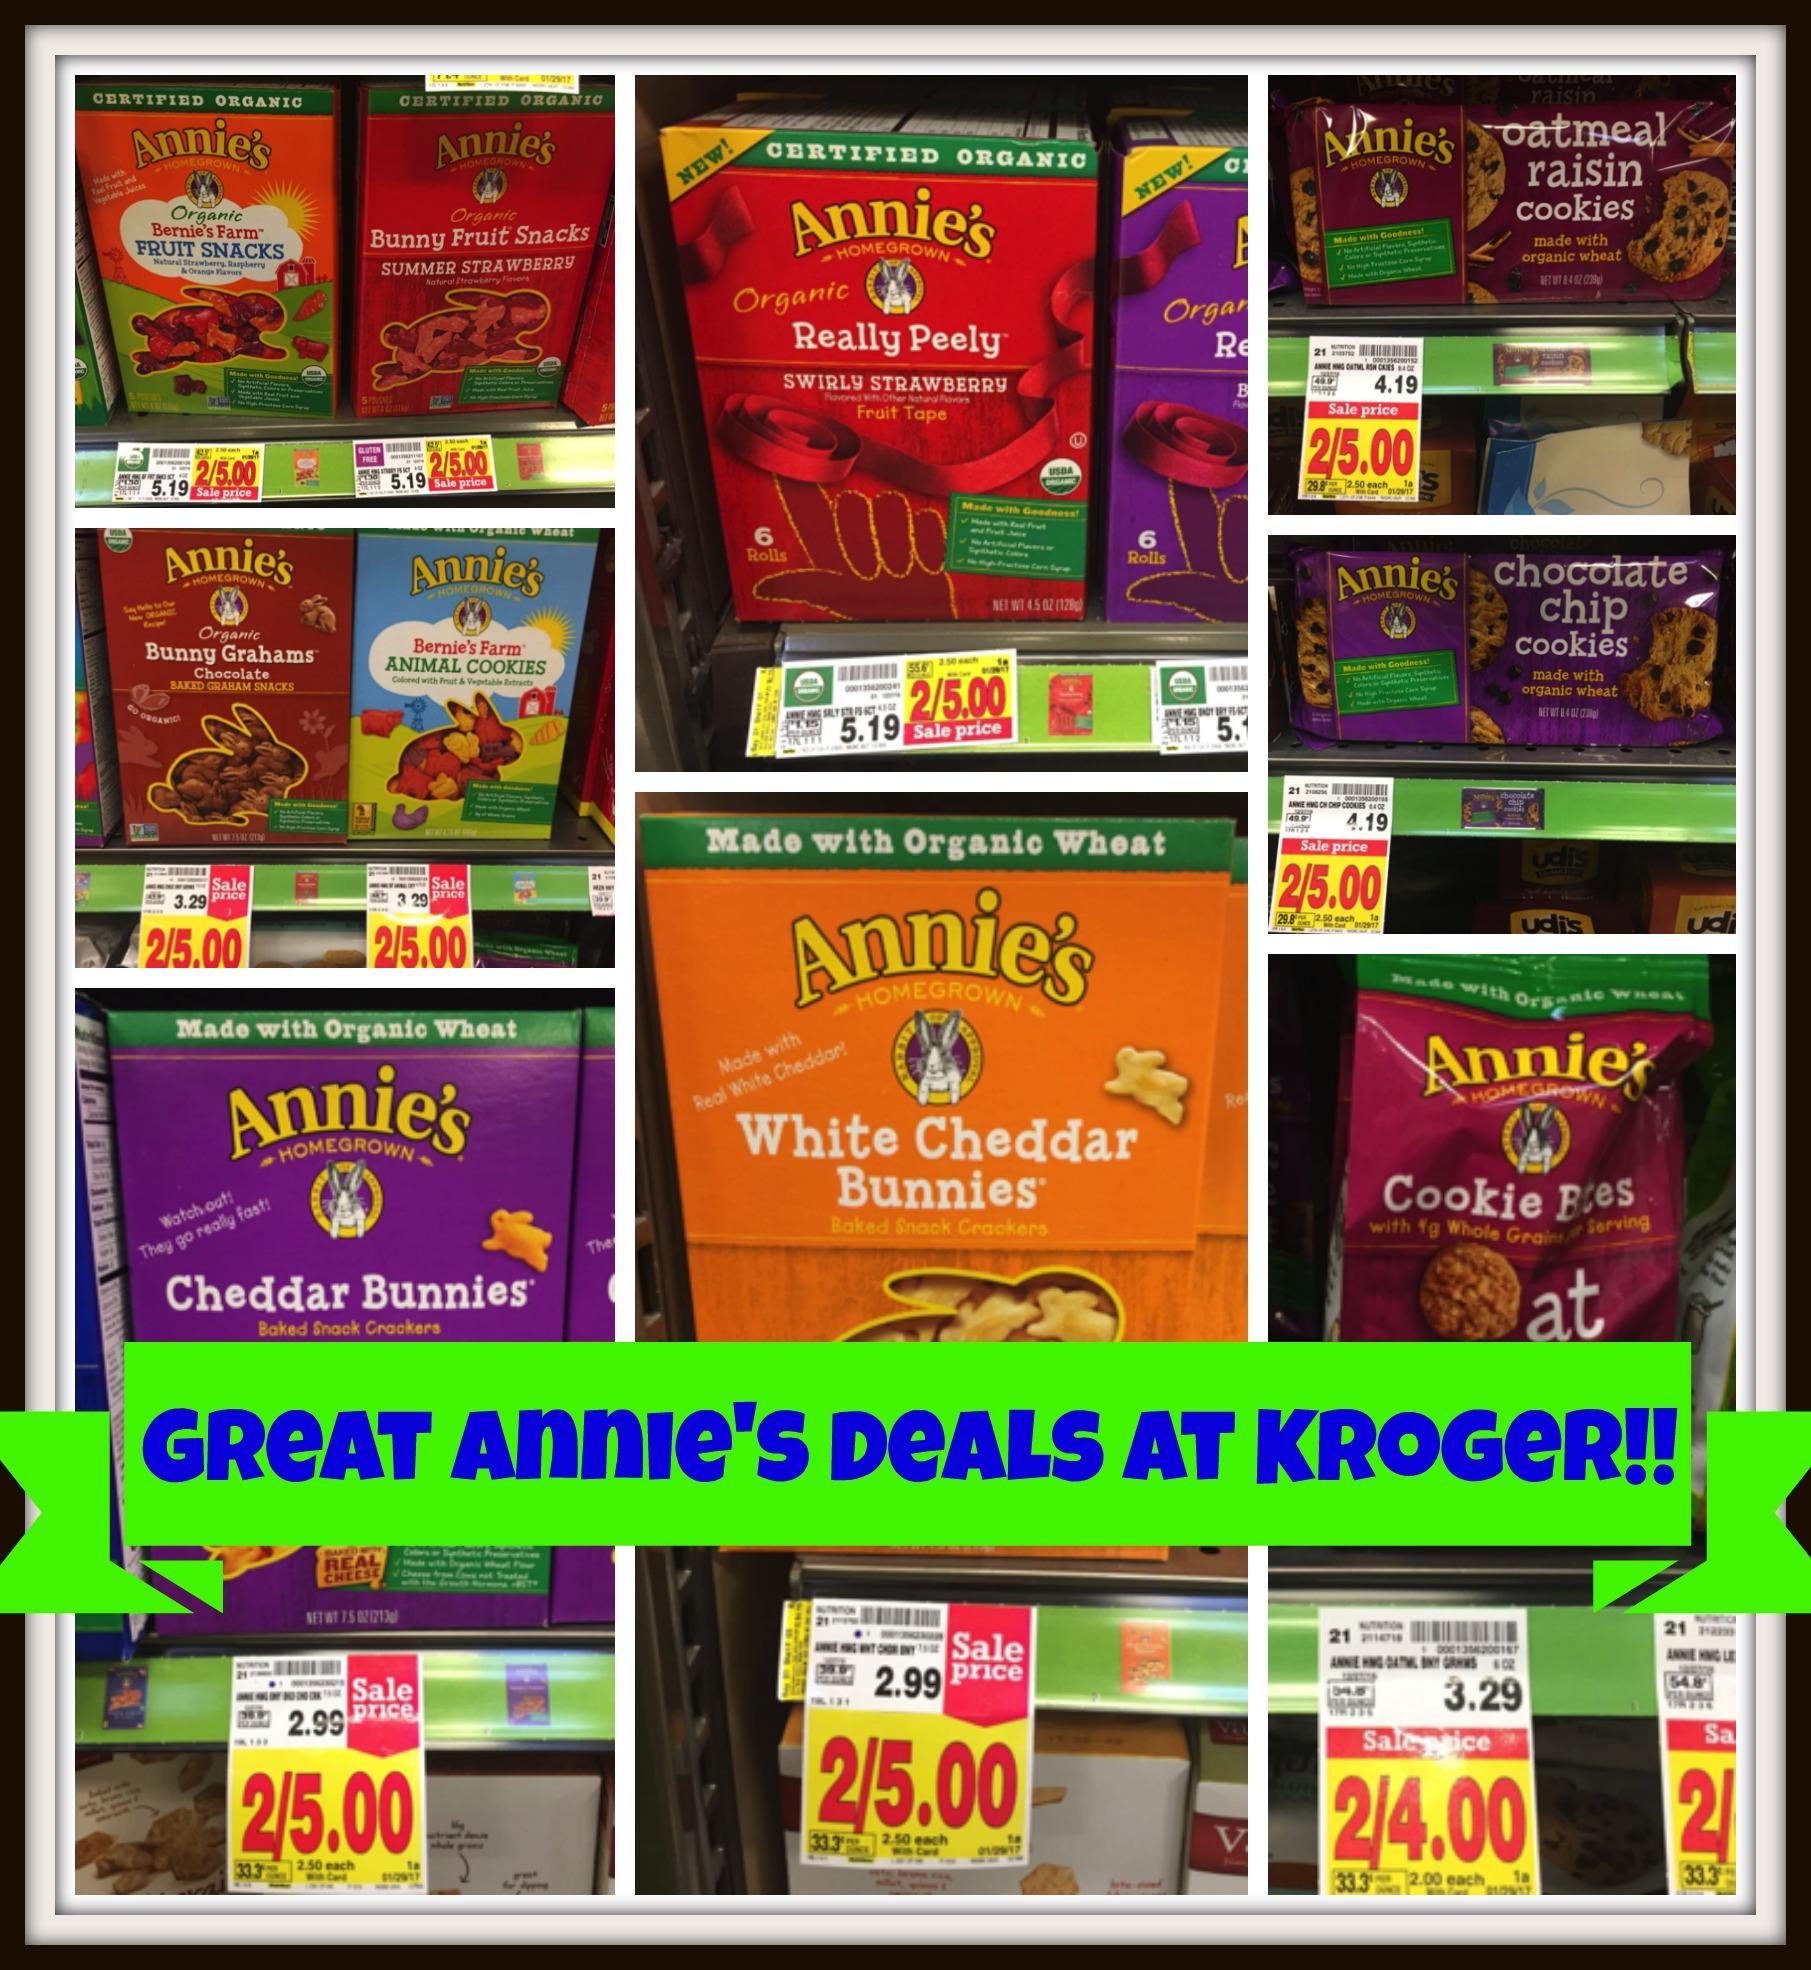 annies-snacks-image